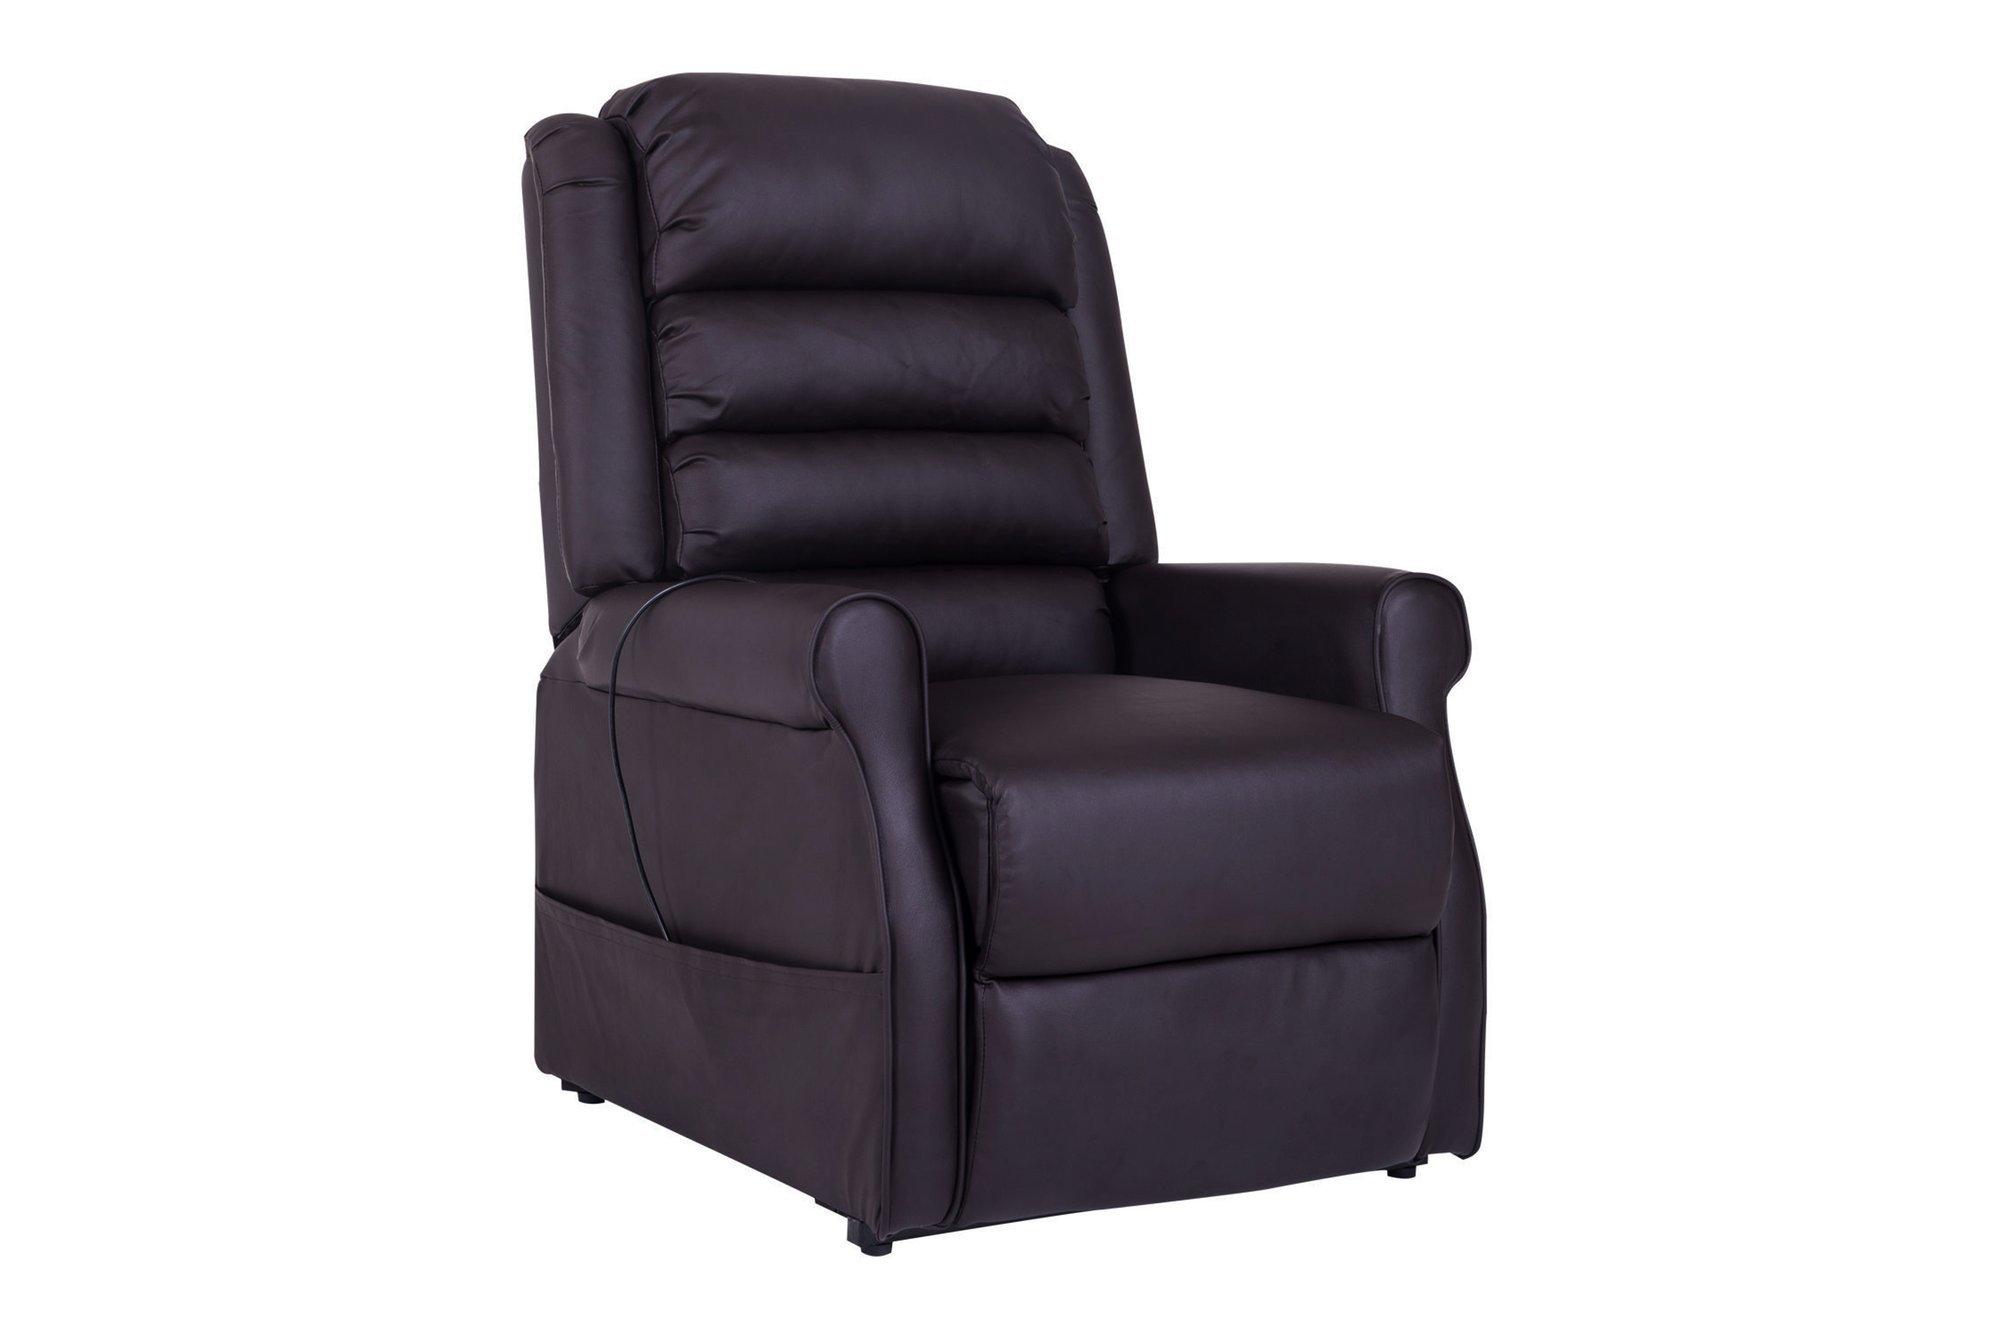 Fotel do masażu ze wspomaganiem wstawania i funkcją podgrzewania Homcom 700-021BN